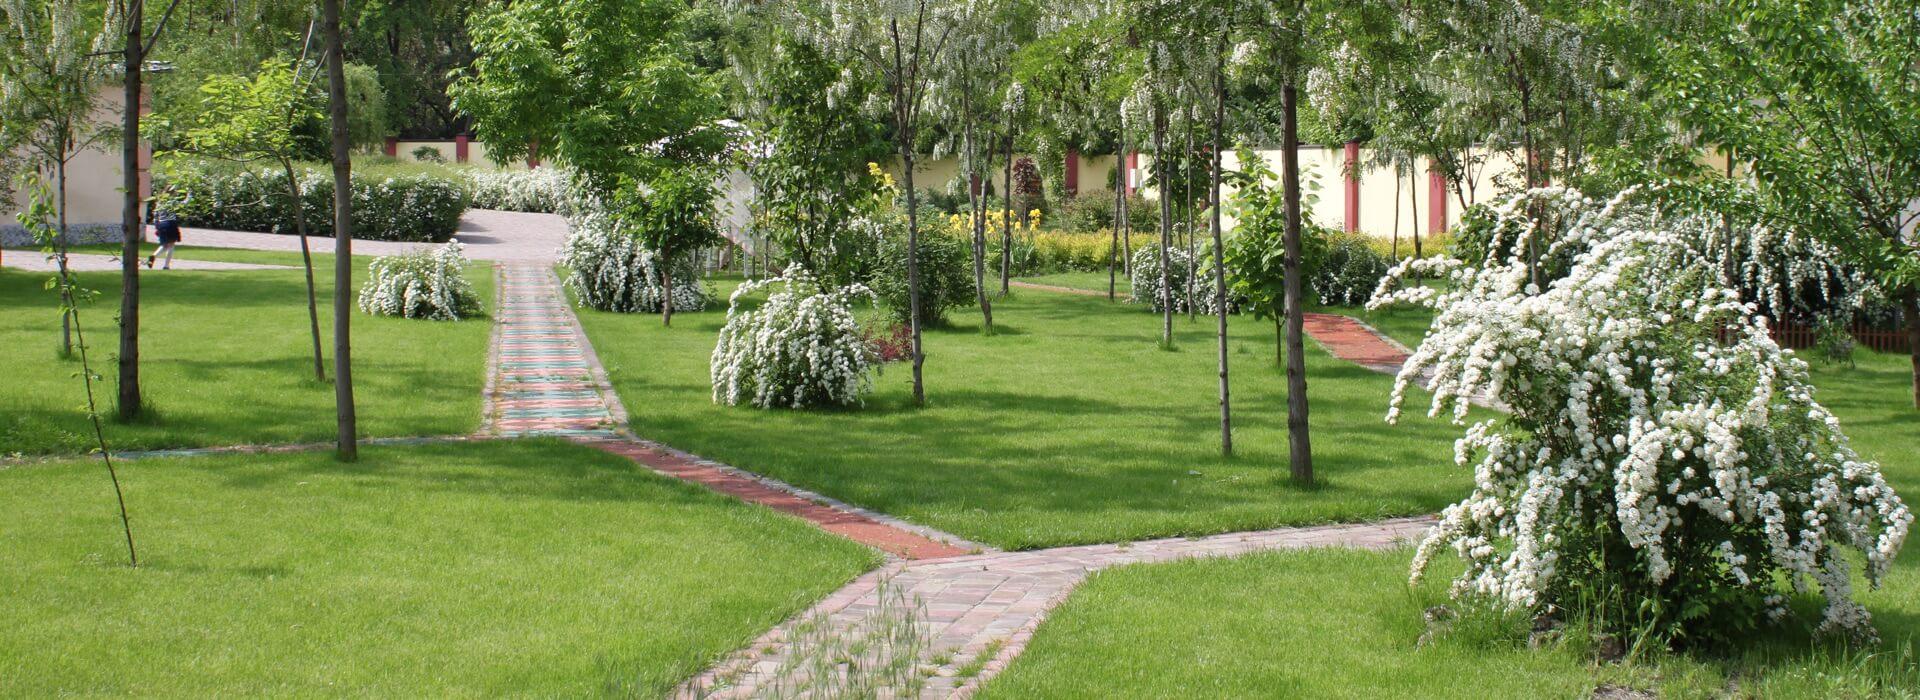 Парк при НИИ Детской и семейной психиатрии, психотерапии, психологии, медицинского и психосоциальной реабилитации